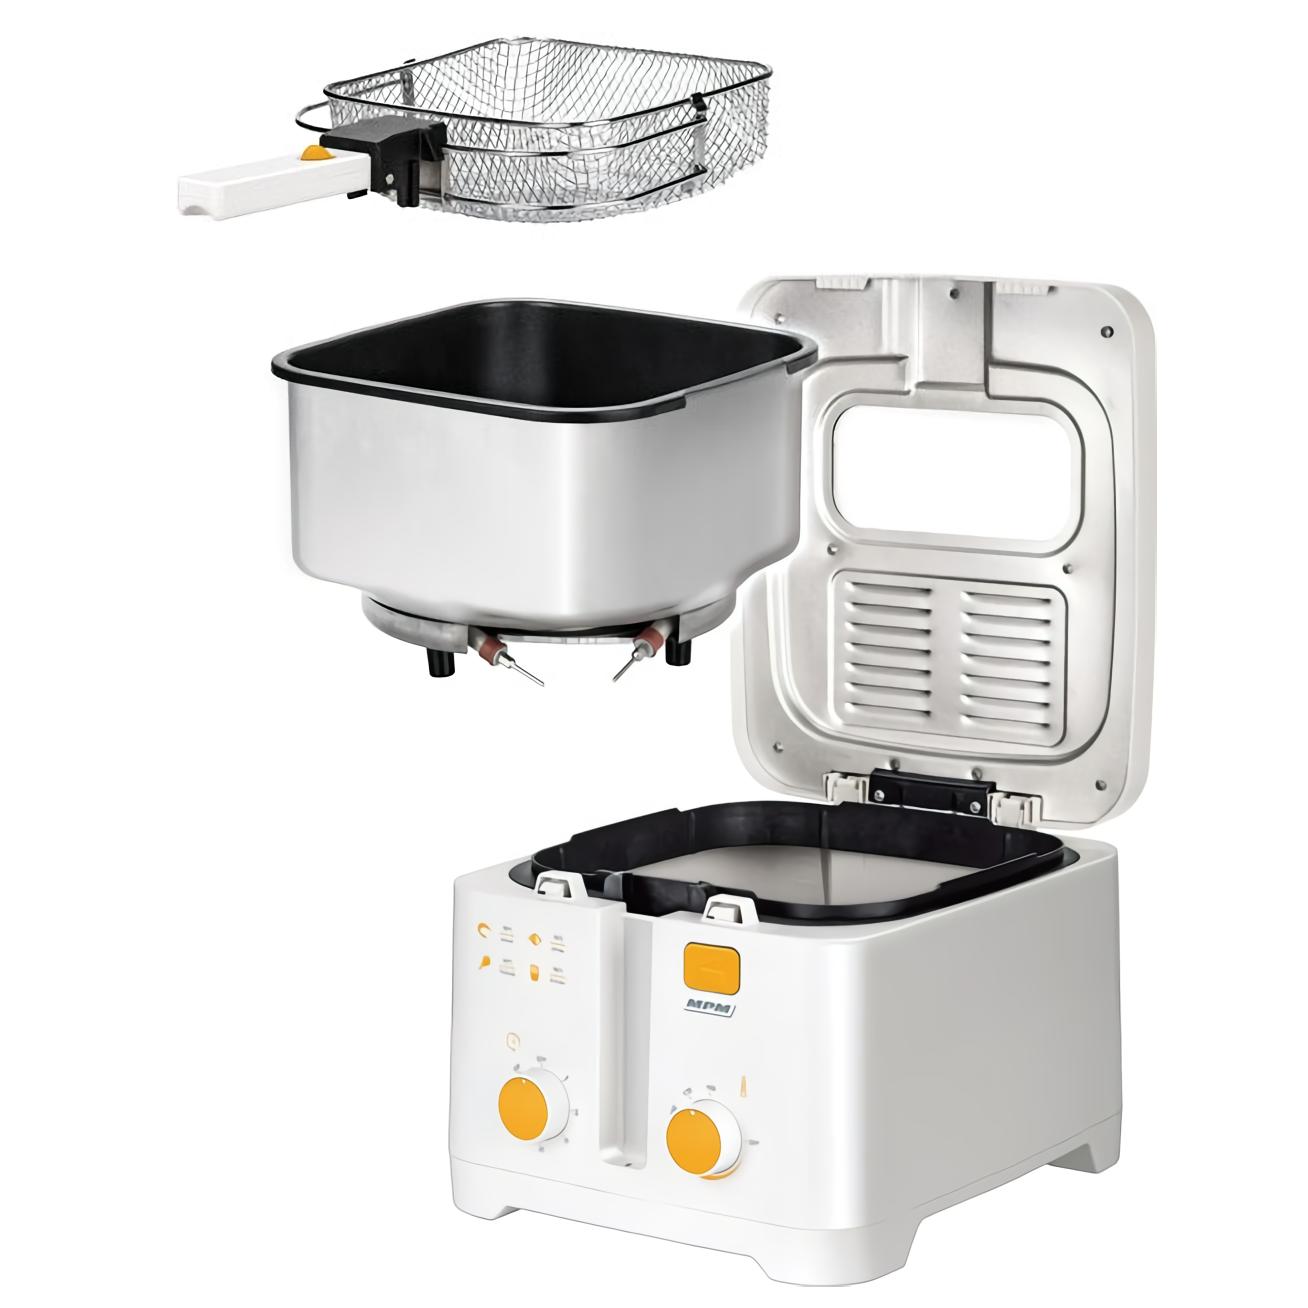 MPM MFR-08 Freidora eléctrica compacta 2,5 litros cubeta desmontable lavable antiadherente, temporizador y regulador hasta 190°C, 1800W